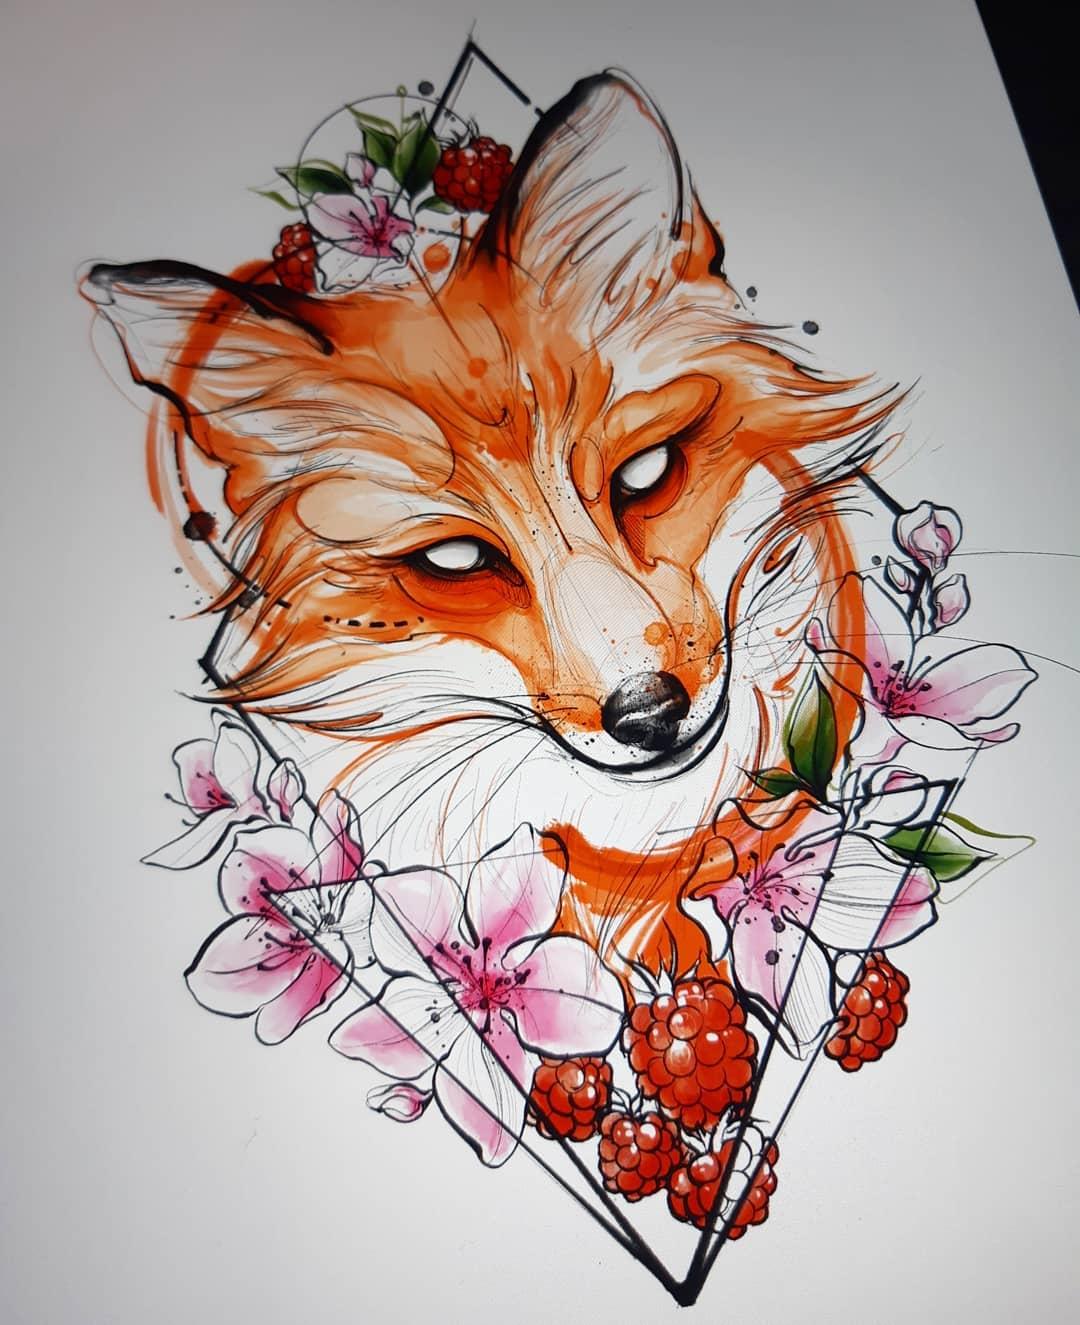 ескіз барвистої рудої лисиці